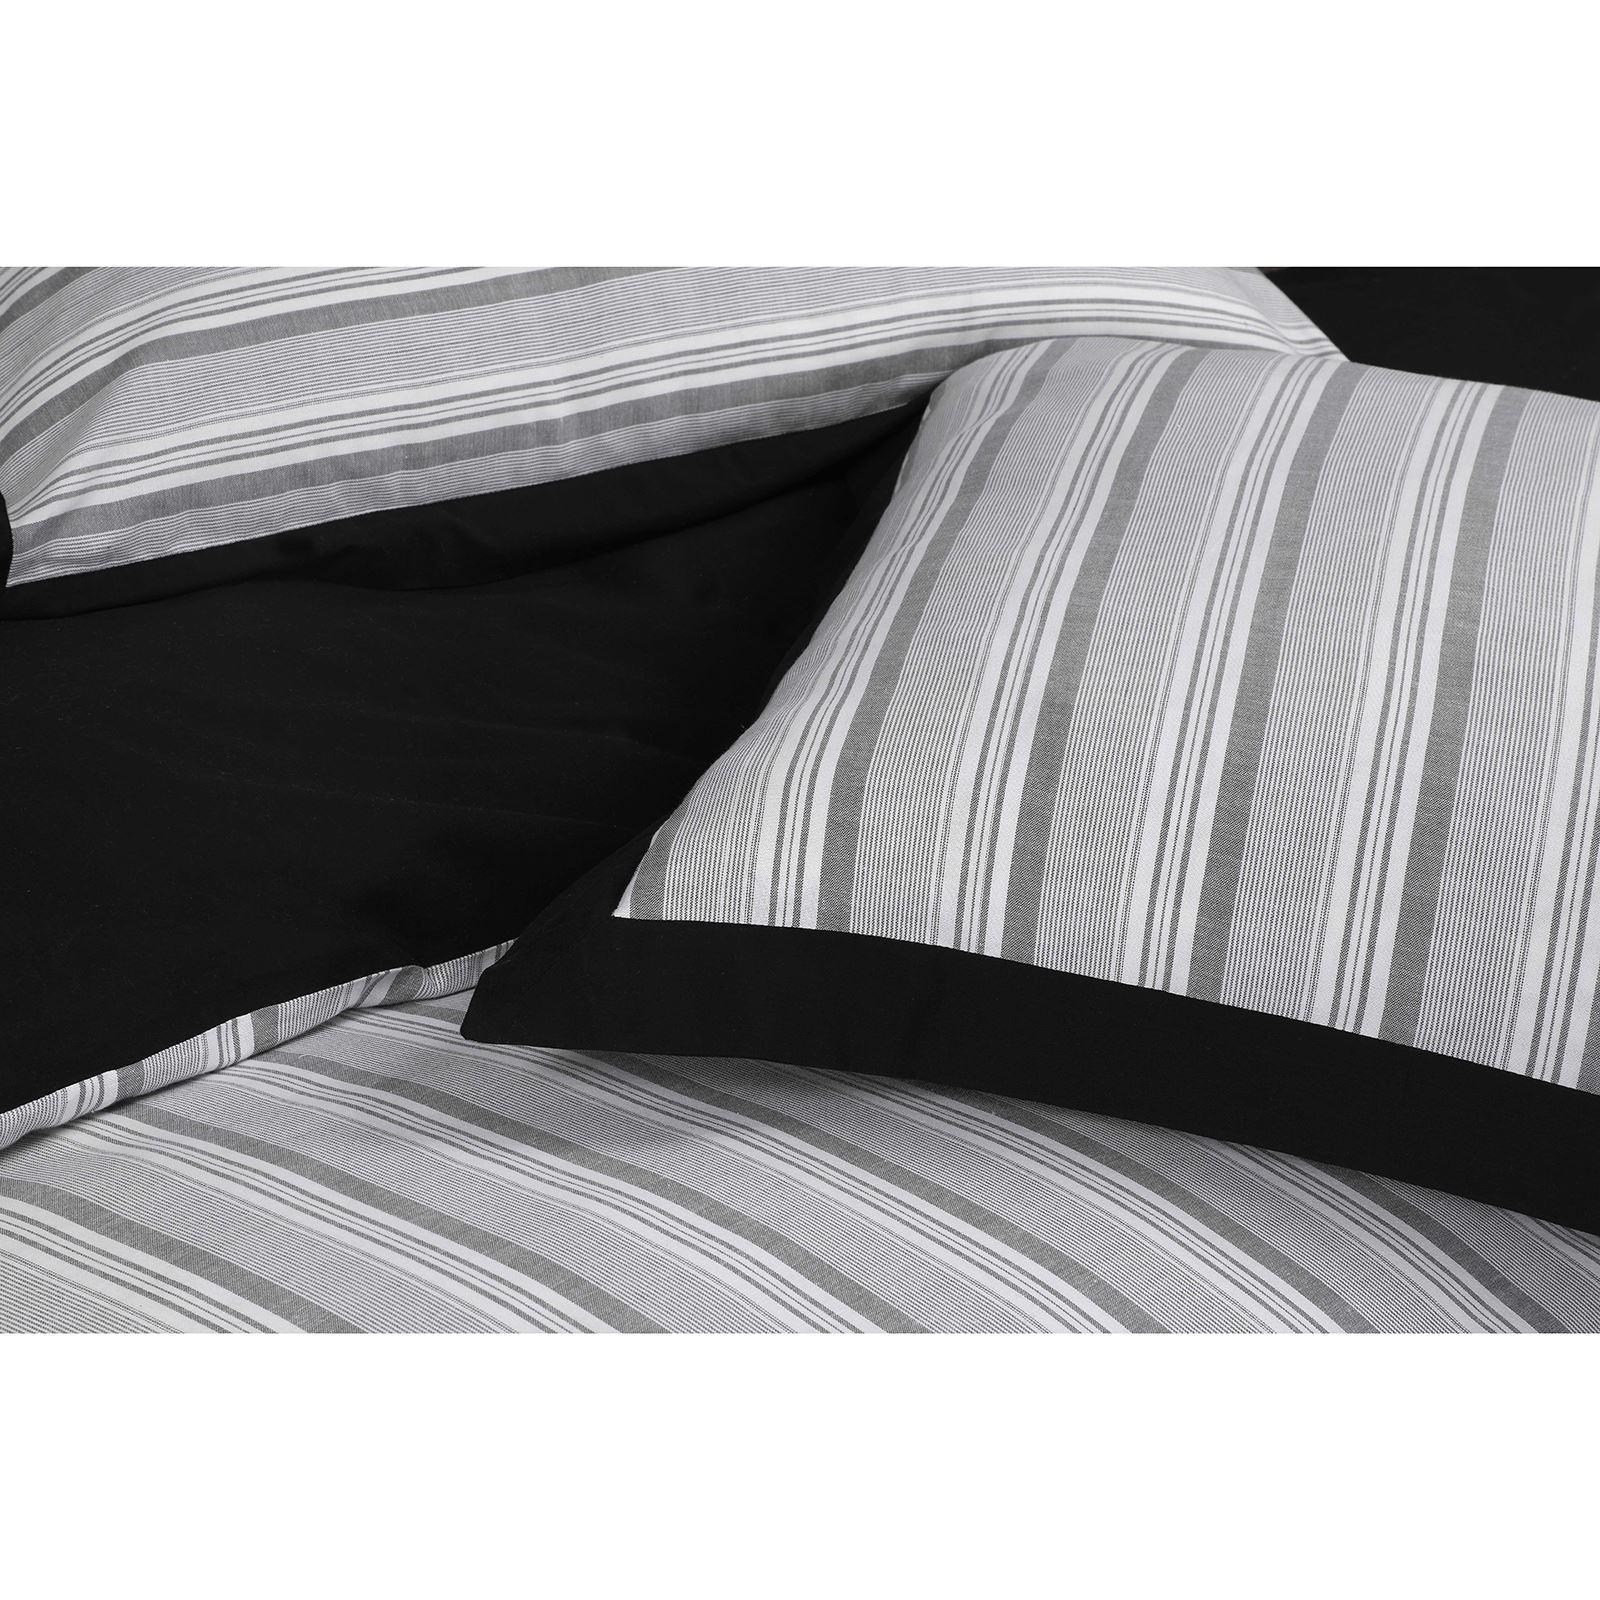 100-Algodon-Cuidado-facil-cubierta-del-edredon-edredon-multicolor-nuevo-conjunto-de-ropa-de-cama miniatura 6